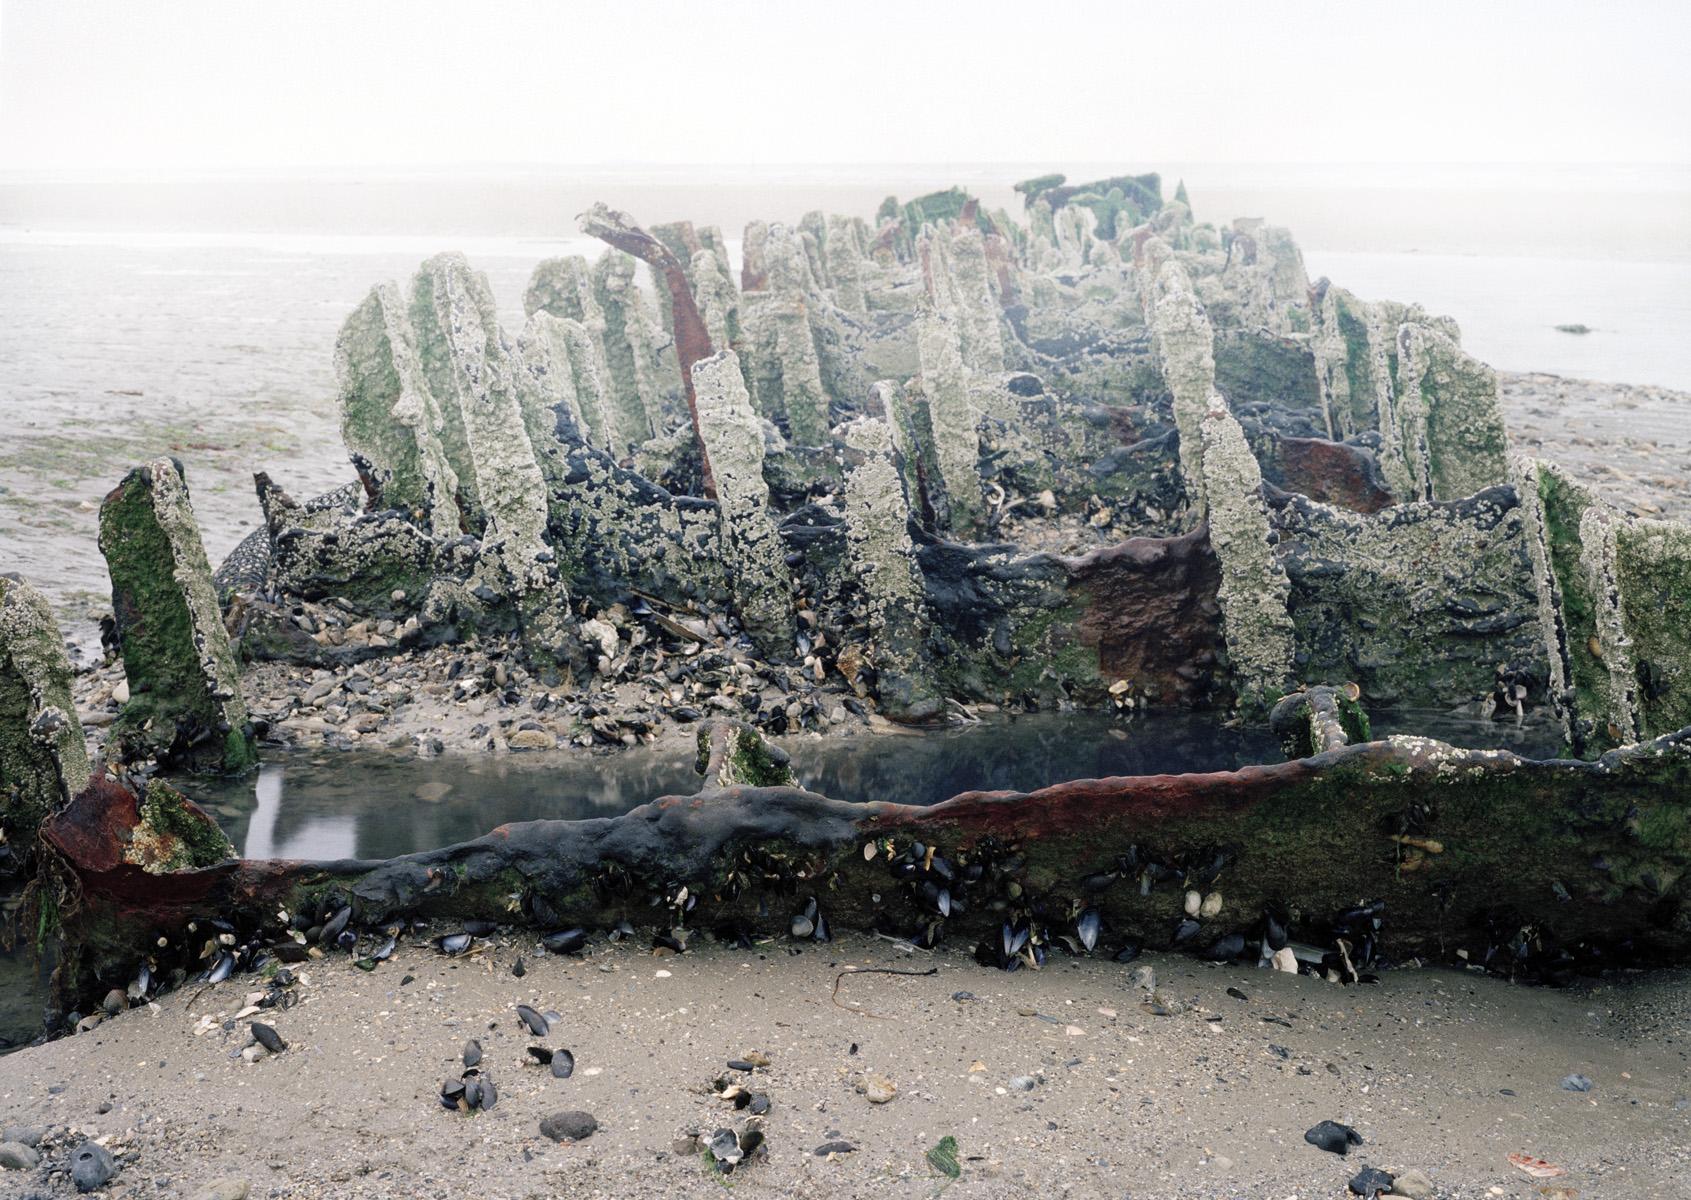 Landeabschnitt_Utah_Beach_Normandie 2007